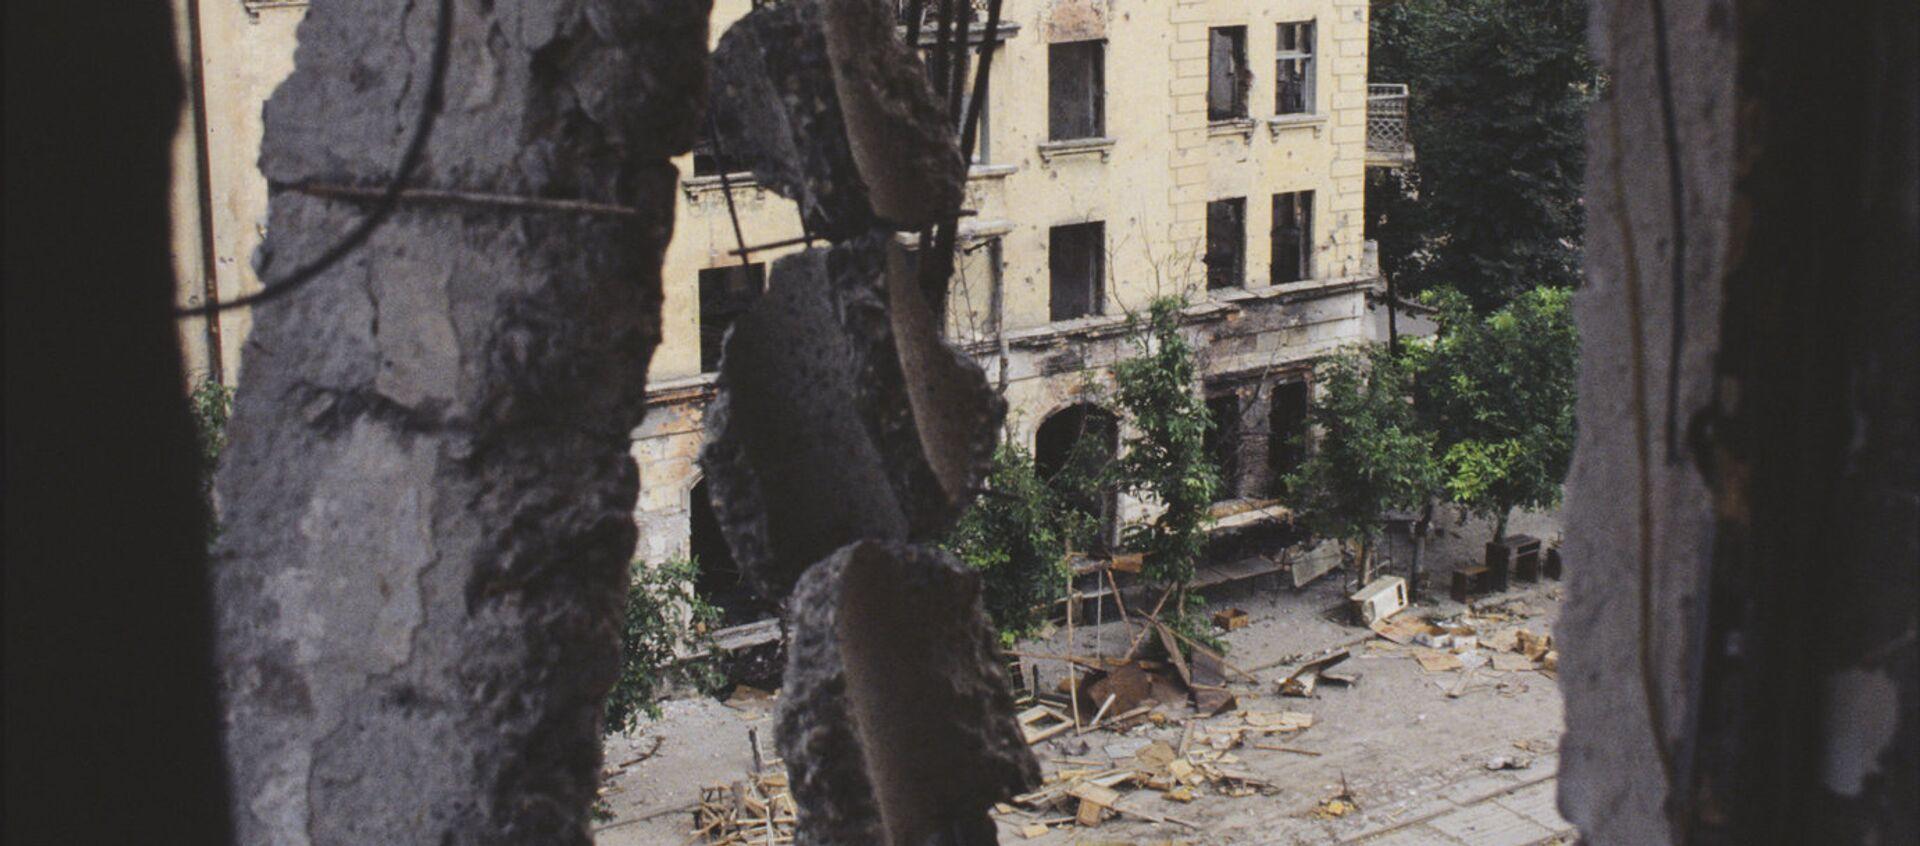 Отечественная война народа Абхазии 1993-1994 года. Разрушенные дома в центре города Сухум - Sputnik Аҧсны, 1920, 14.08.2021